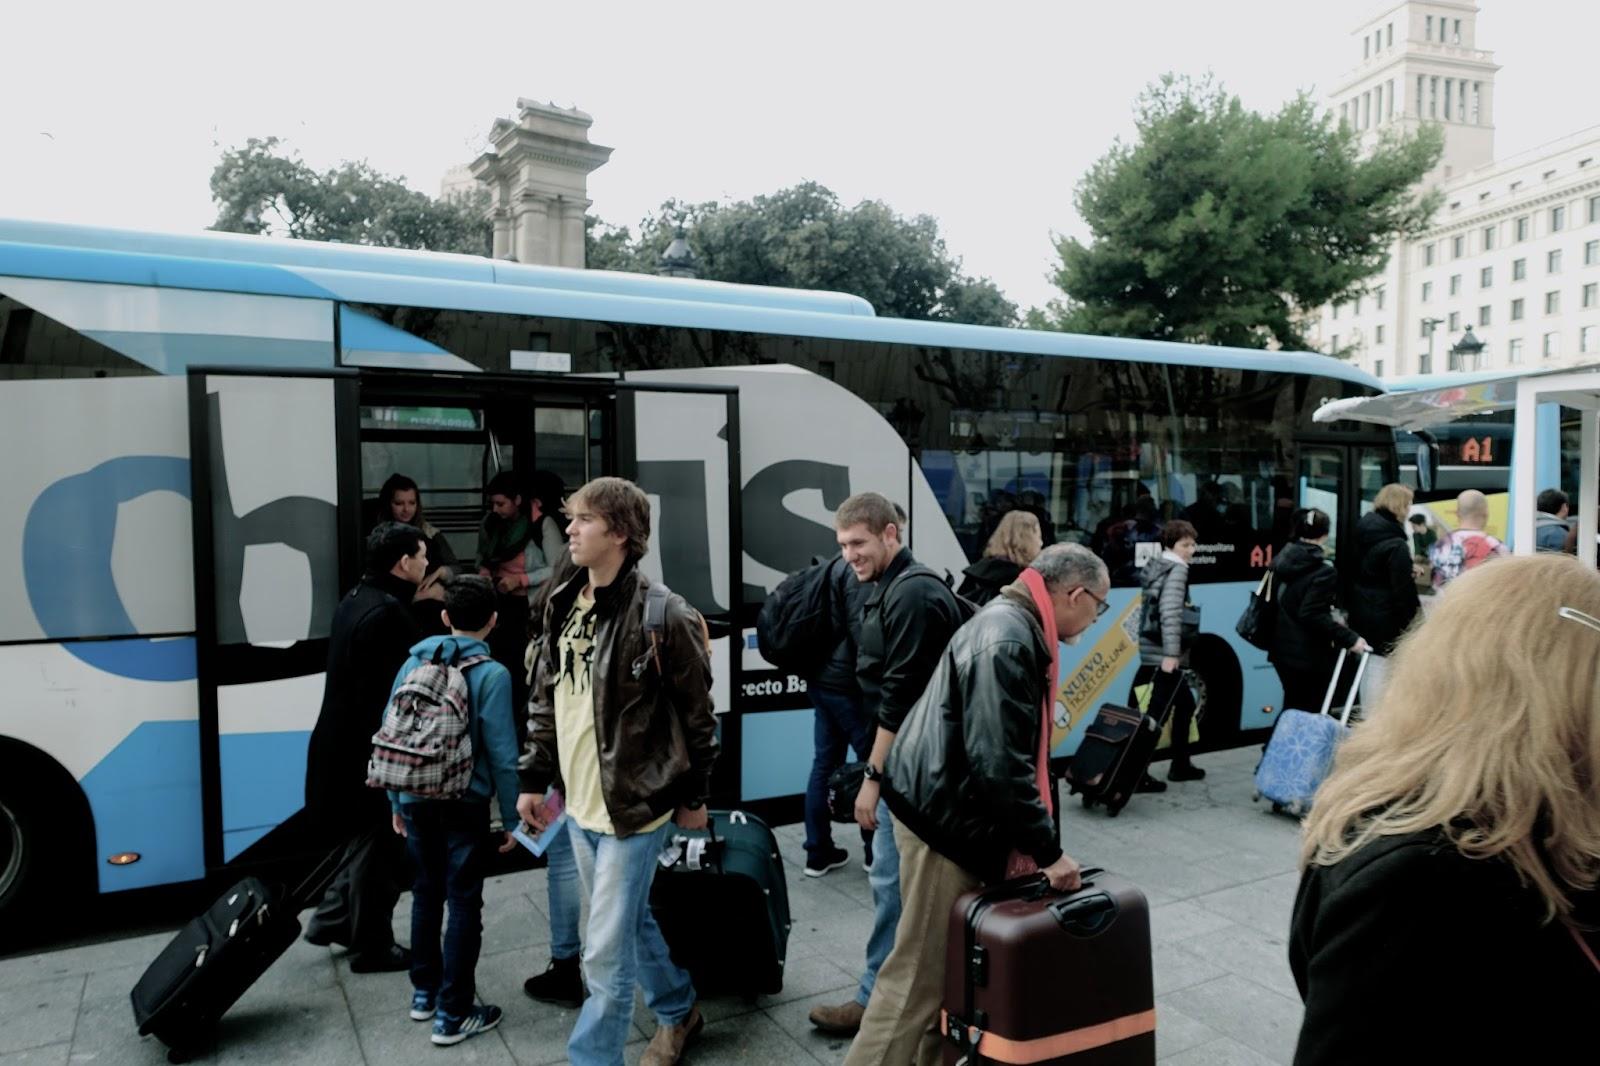 カタルーニャ広場の「Aeurobus」バス停